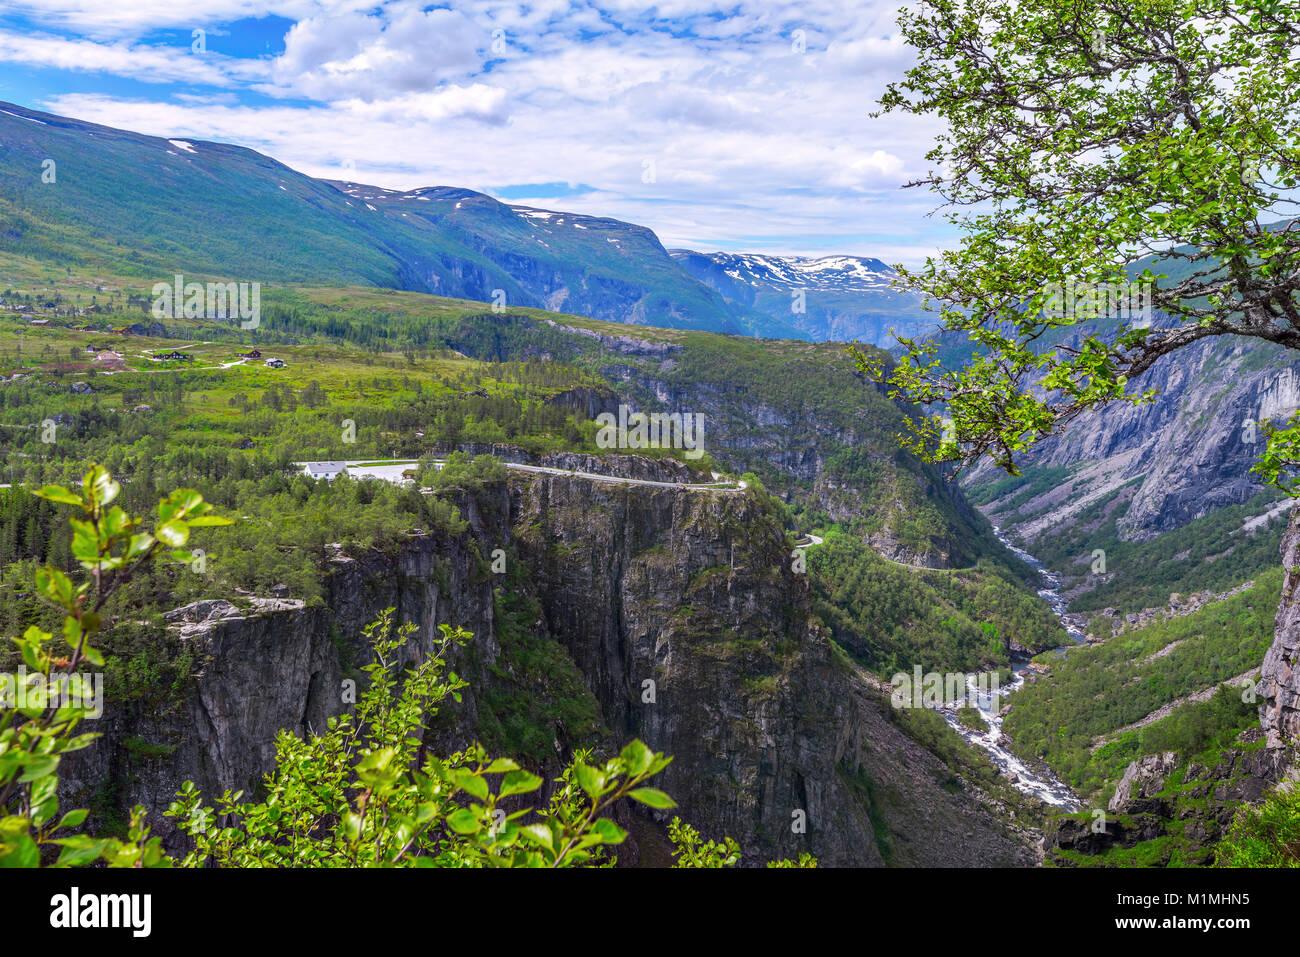 Wasserfalls Voringfossen und Panorama Blick über die Hochebene und Berge und Canyons des Mabodalen, Norwegen, Stockbild